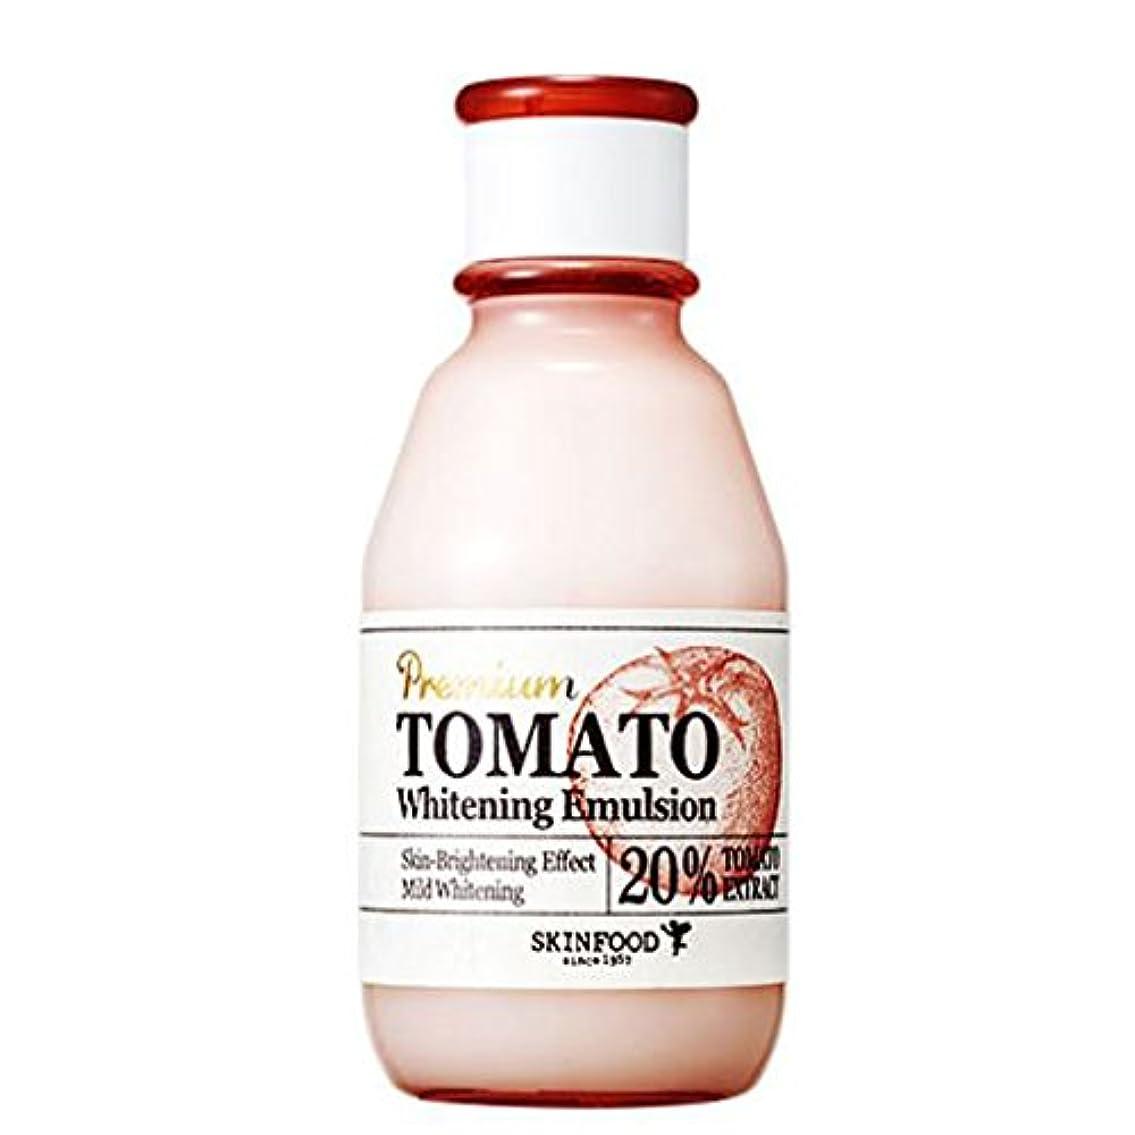 見える付録可能性スキンフード (SKINFOOD) プレミアムトマト ブライトニング エマルジョン